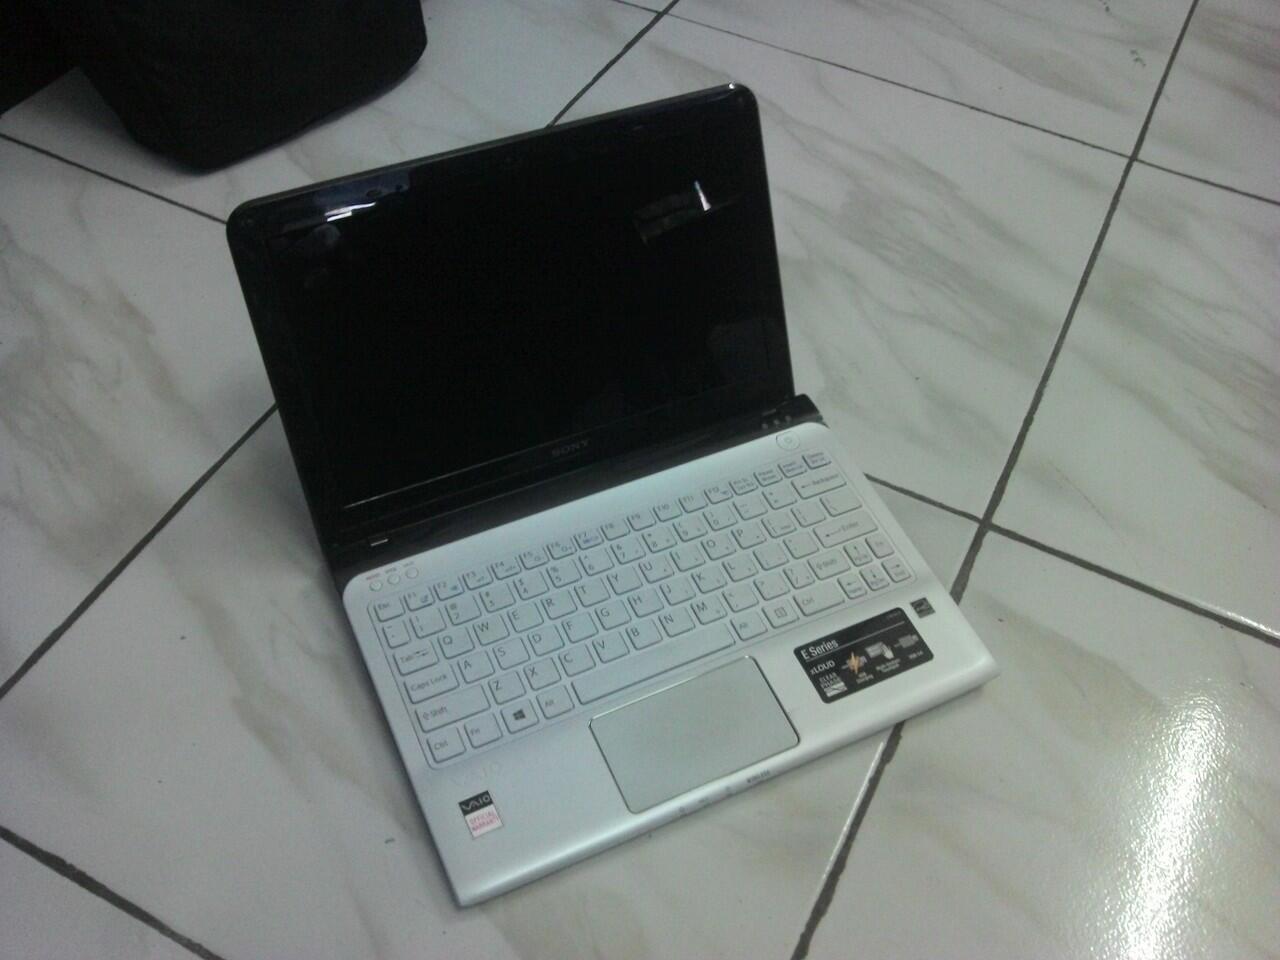 Sony Vaio SVE111B11W AMD E2-1800- 2GB- 320GB- PUTIH